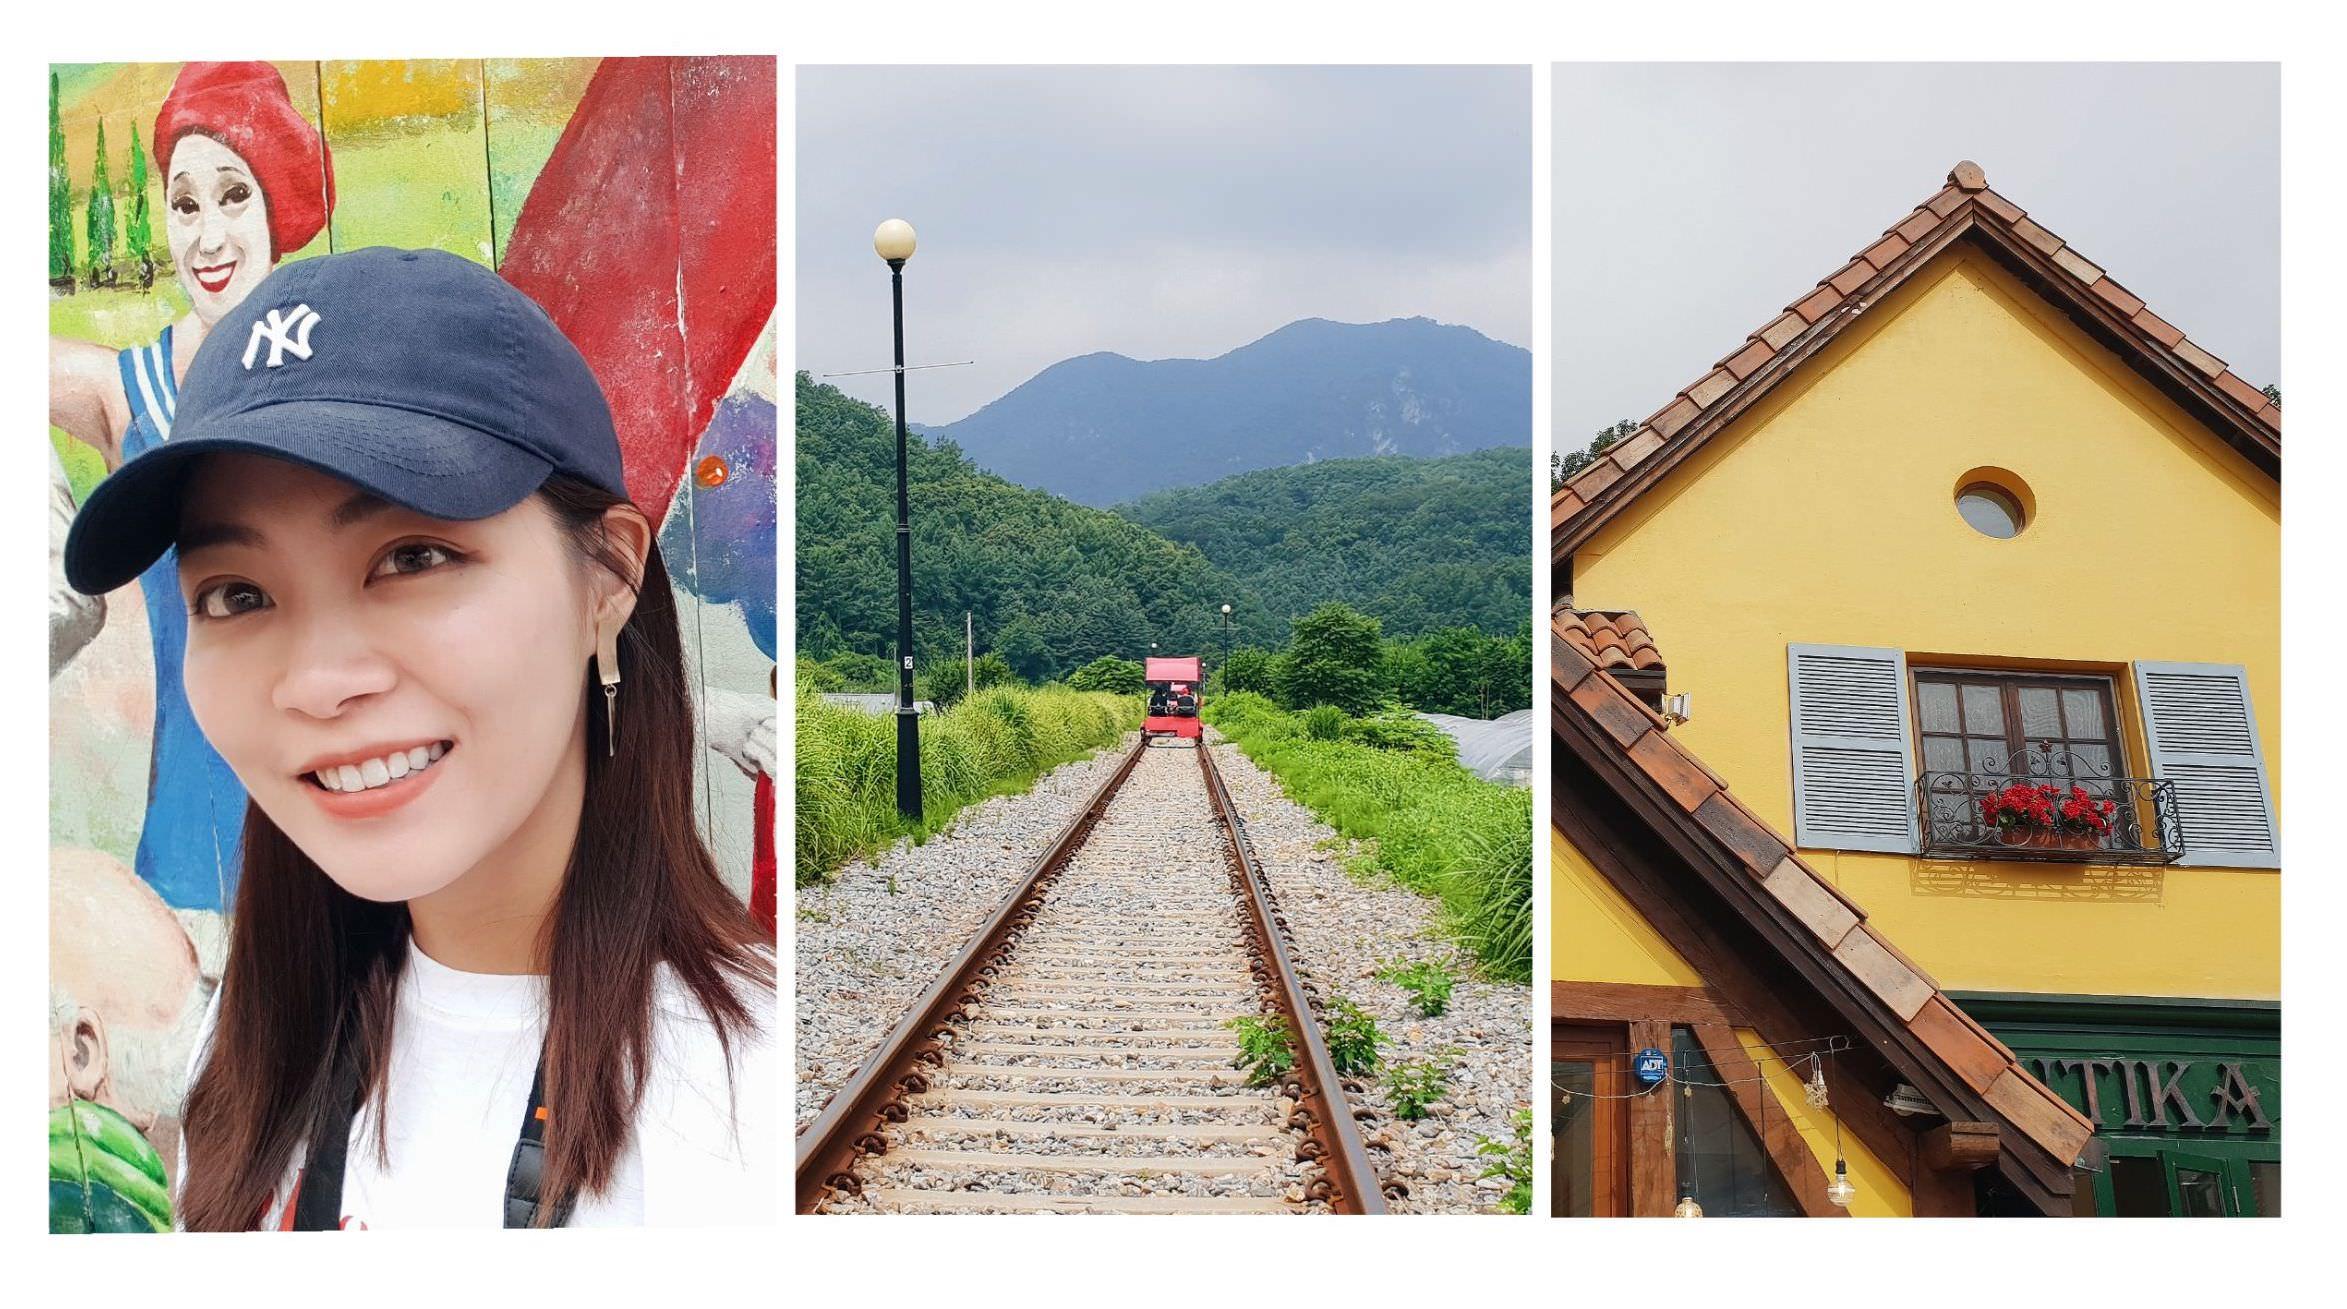 首爾旅行|完美近郊一日遊!小法國村、江村鐵路自行車、南怡島,含好吃的辣炒雞排午餐